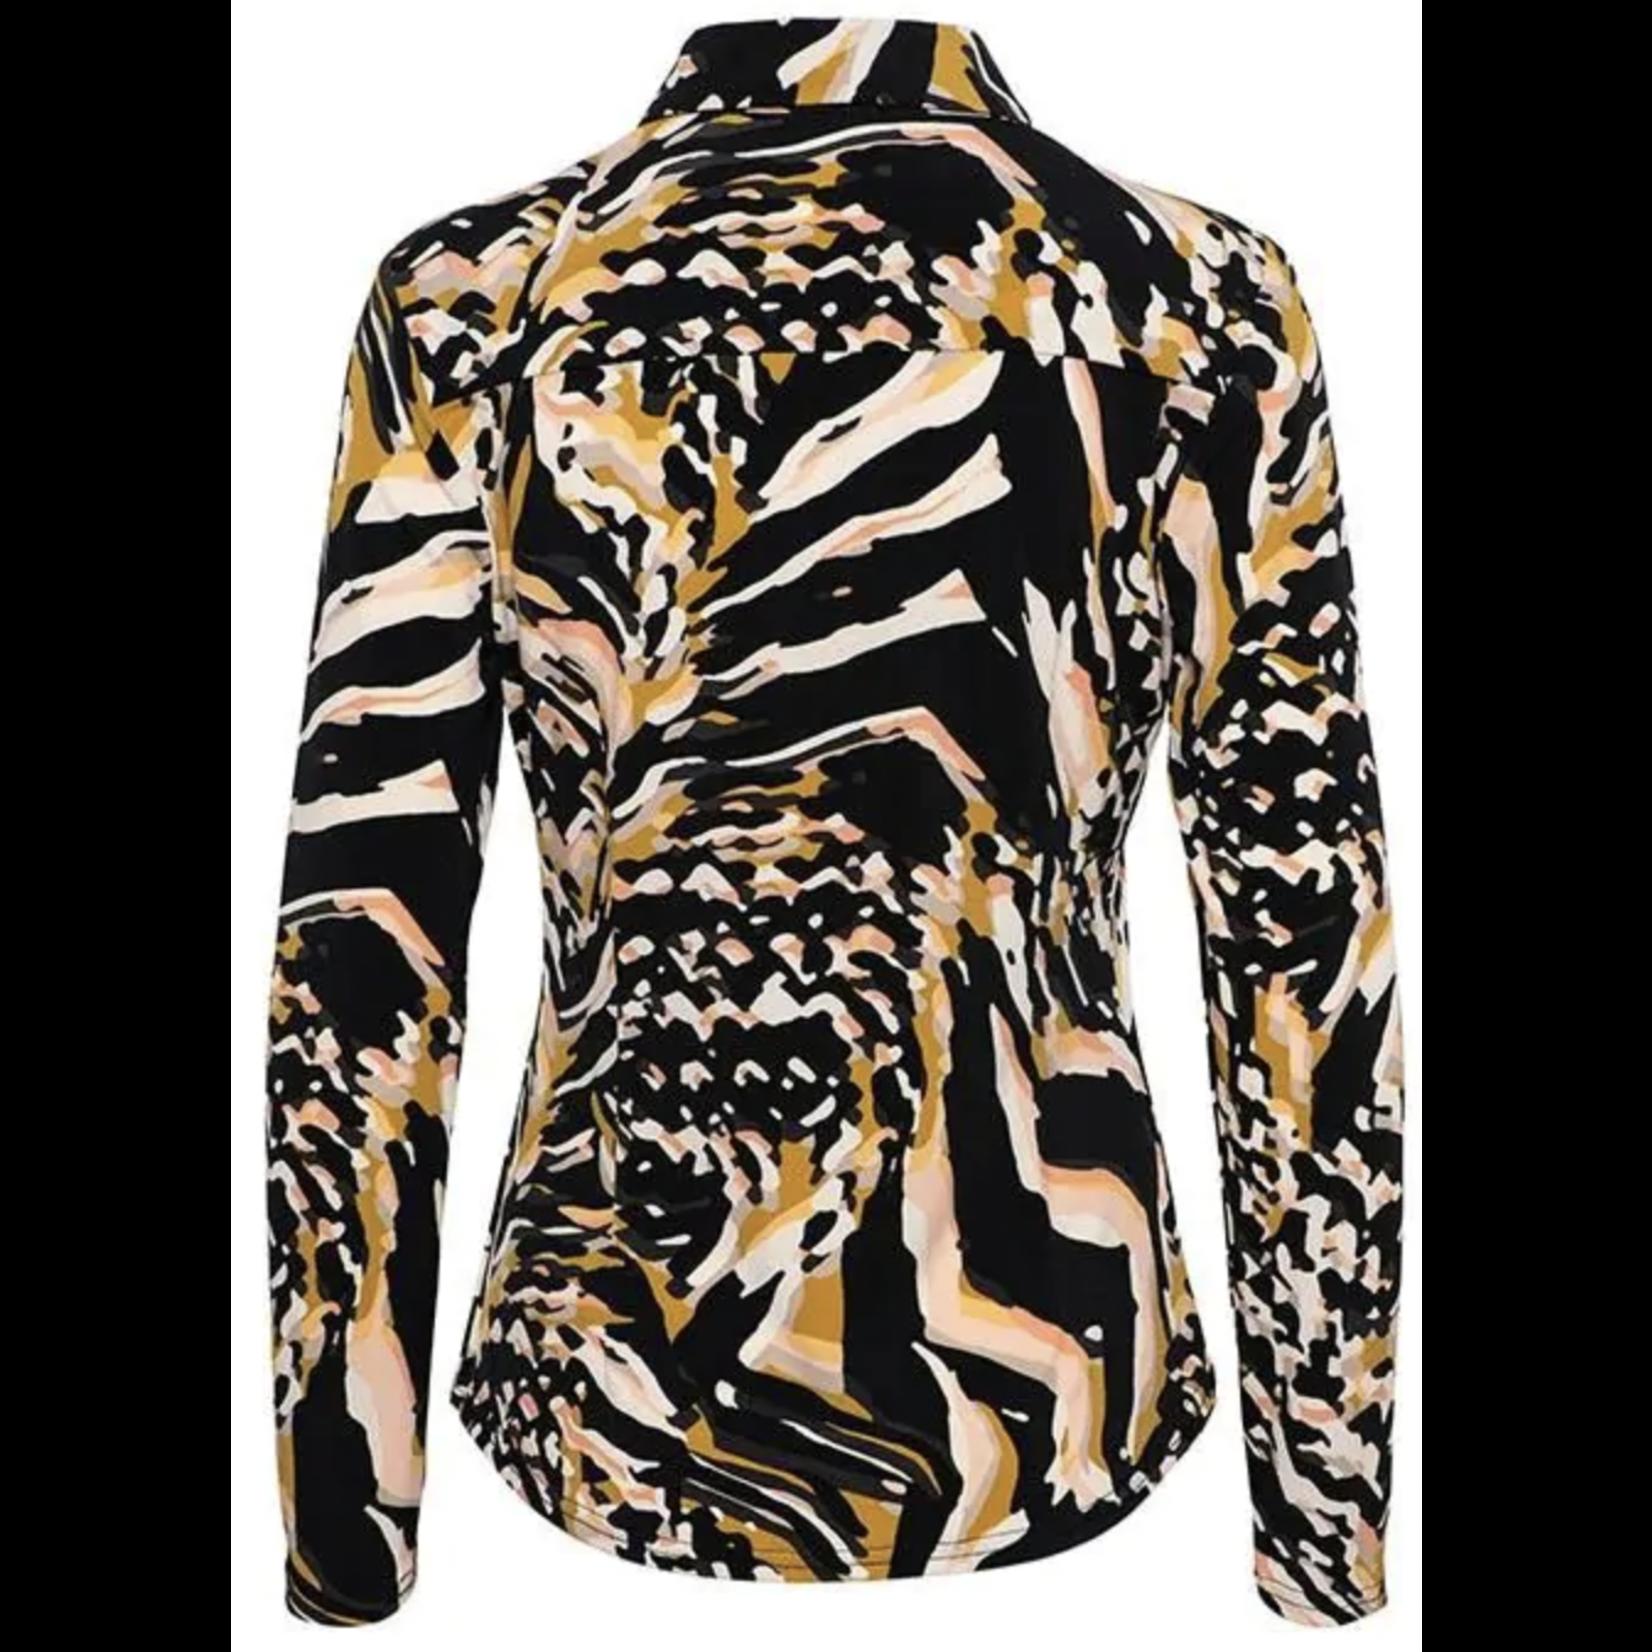 & Co & Co Woman Lotte Blouse Weave Black